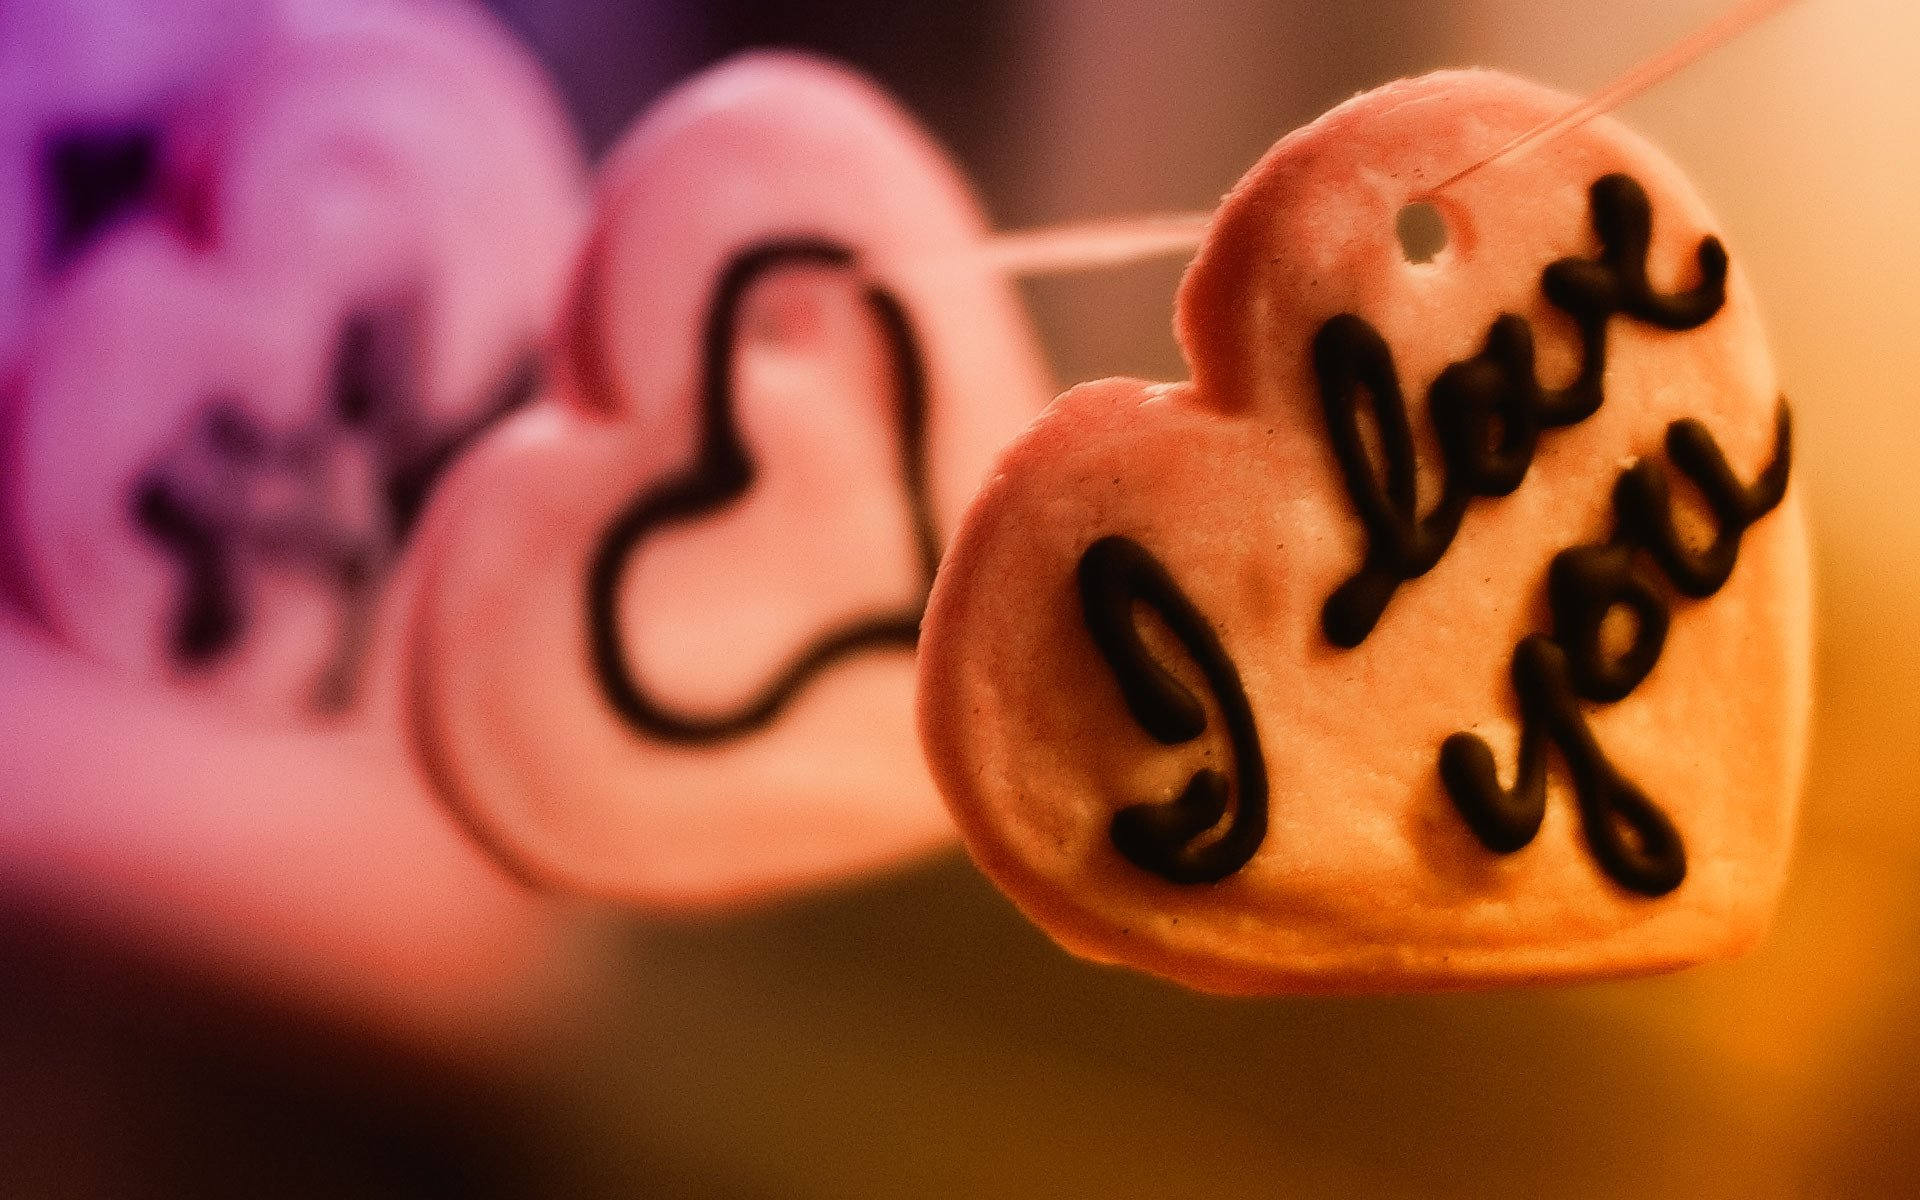 Улыбка, торт, любовь бесплатно